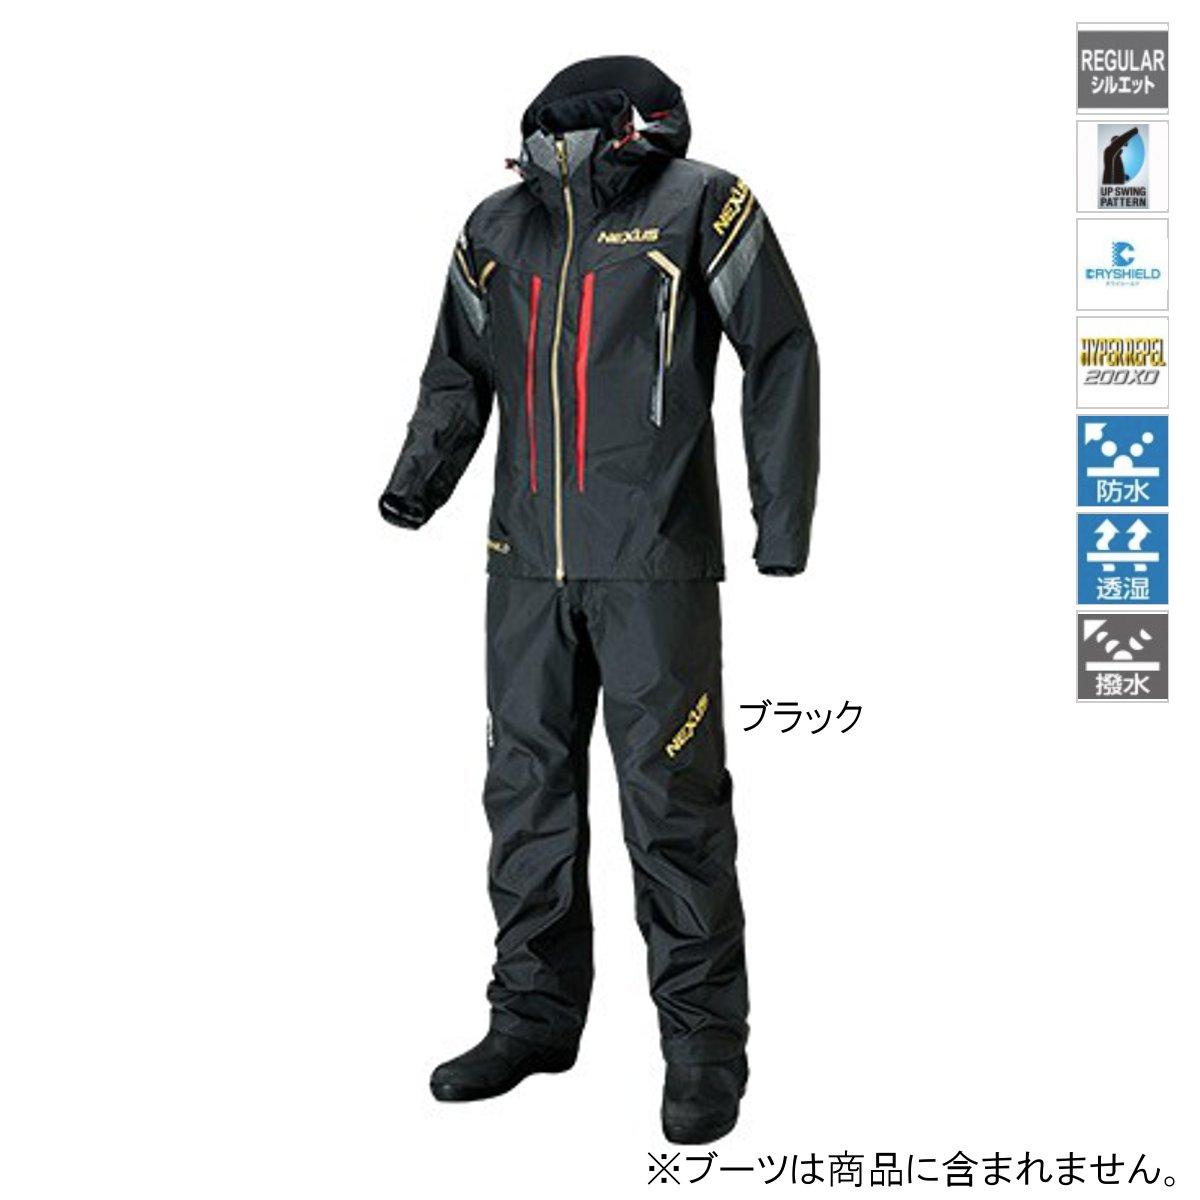 シマノ NEXUS・DS タフレインスーツ RA-124S M ブラック【送料無料】